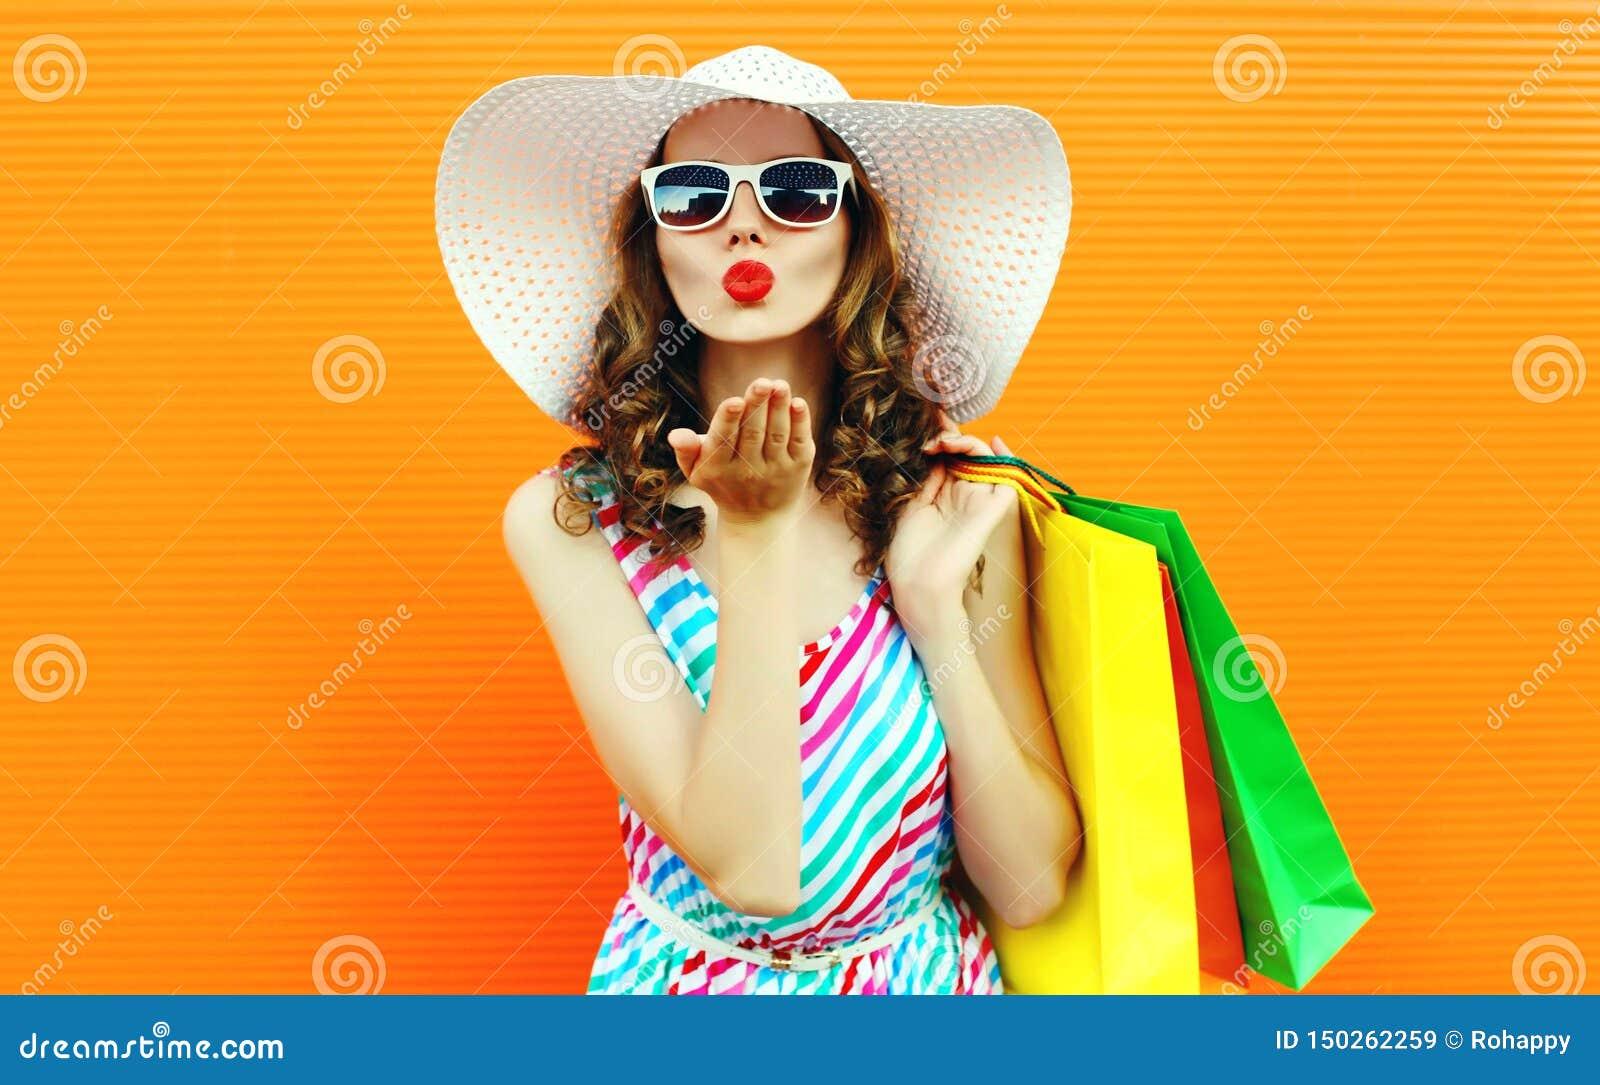 Η όμορφη γυναίκα πορτρέτου που φυσά τα κόκκινα χείλια στέλνει το γλυκό φιλί αέρα με τις τσάντες αγορών που φορούν το ζωηρόχρωμο ρ